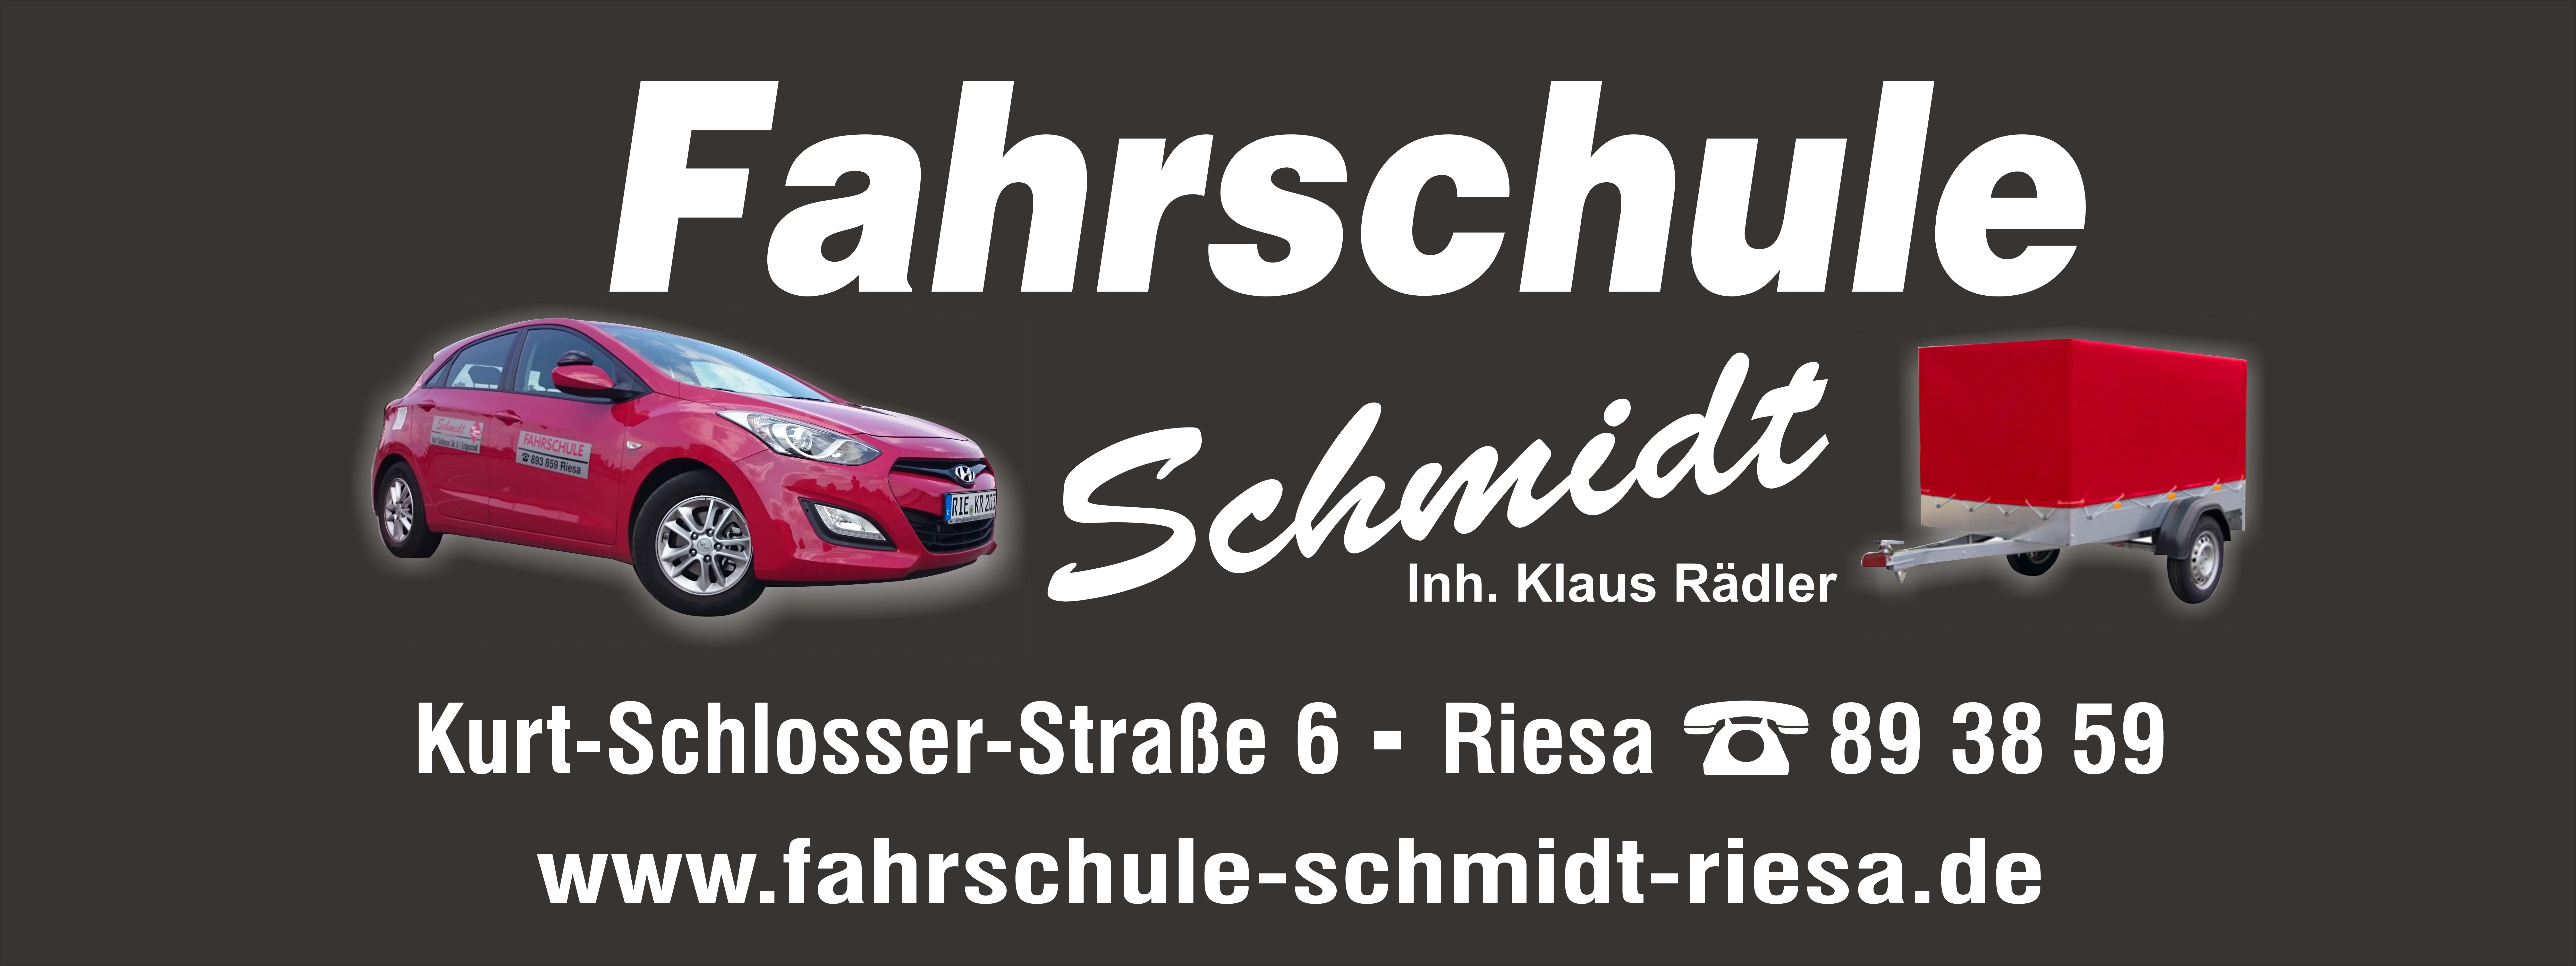 Fahrschule Schmidt Inh. Klaus Rädler